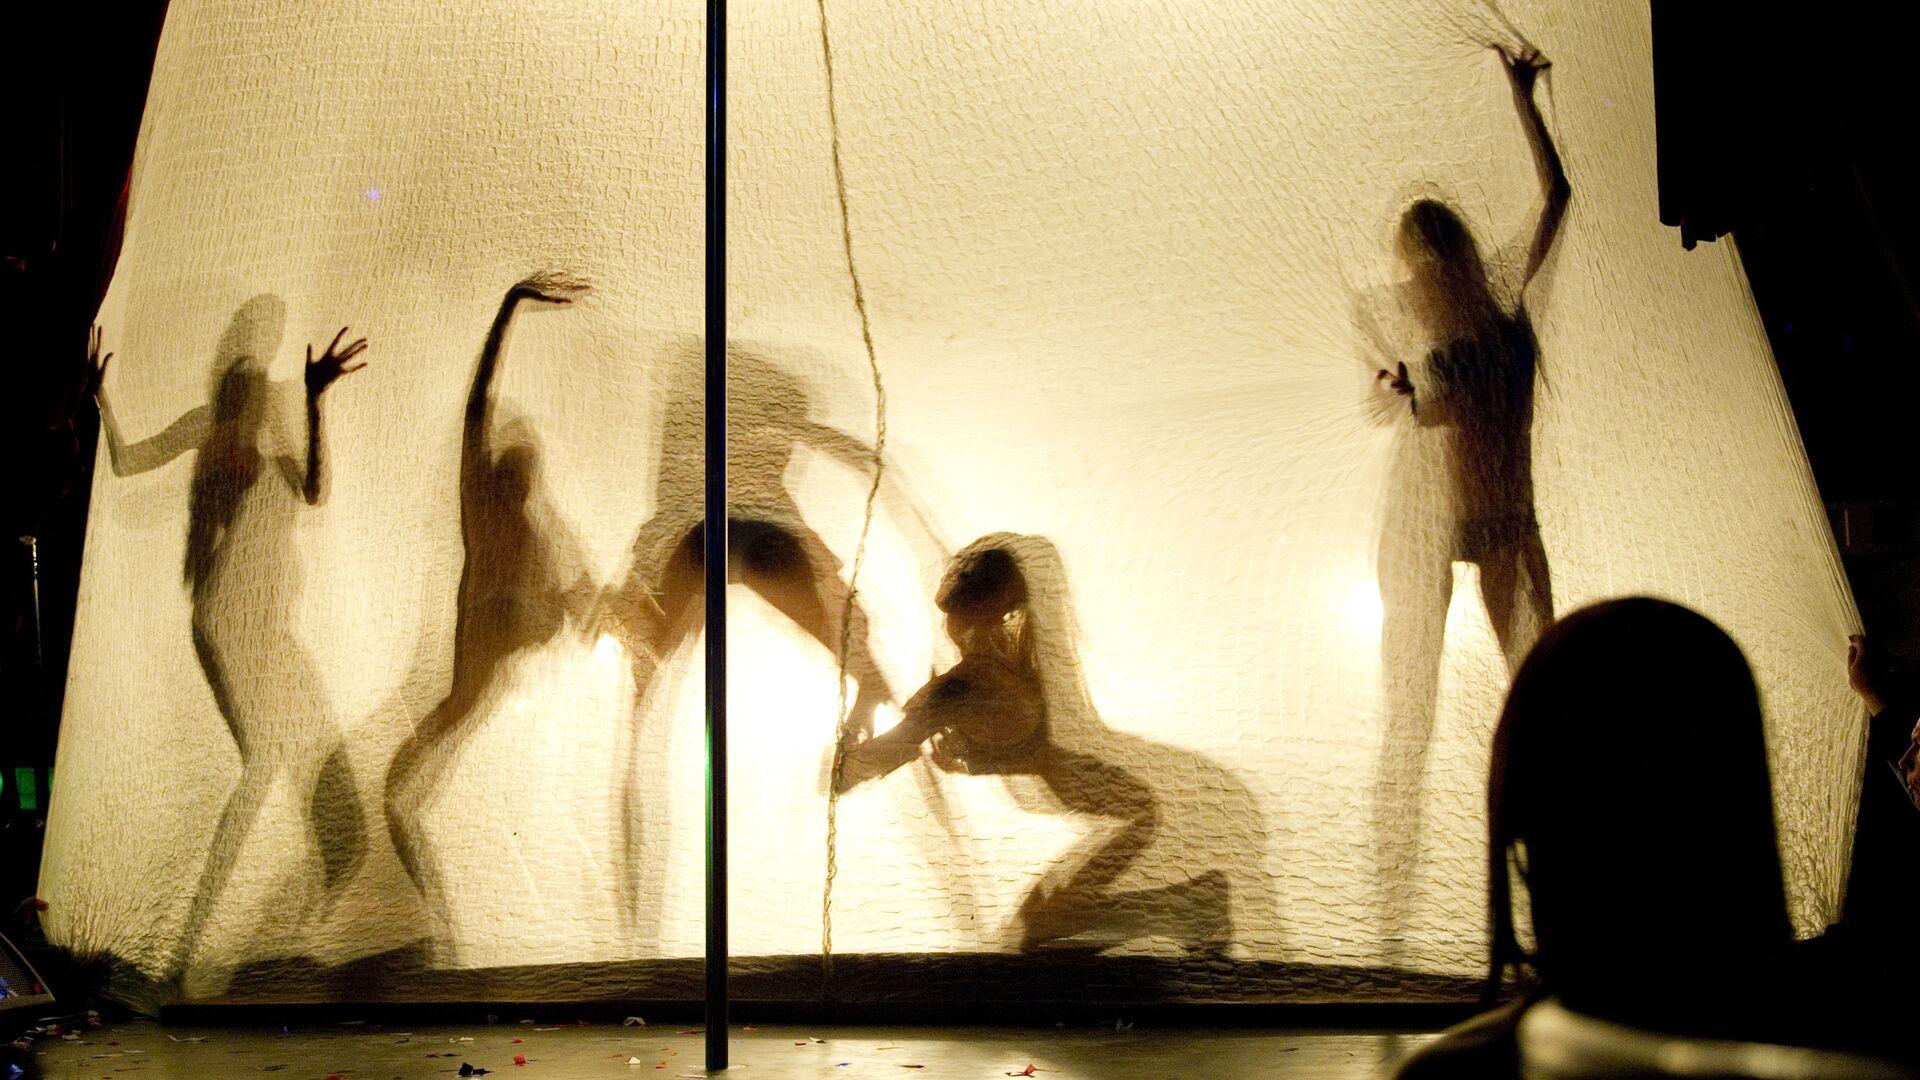 Танцовщицы выступают на вечеринке в клубе SOHO ROOMS, где праздновали окончание чемпионата России по футболу - РИА Новости, 1920, 05.04.2021